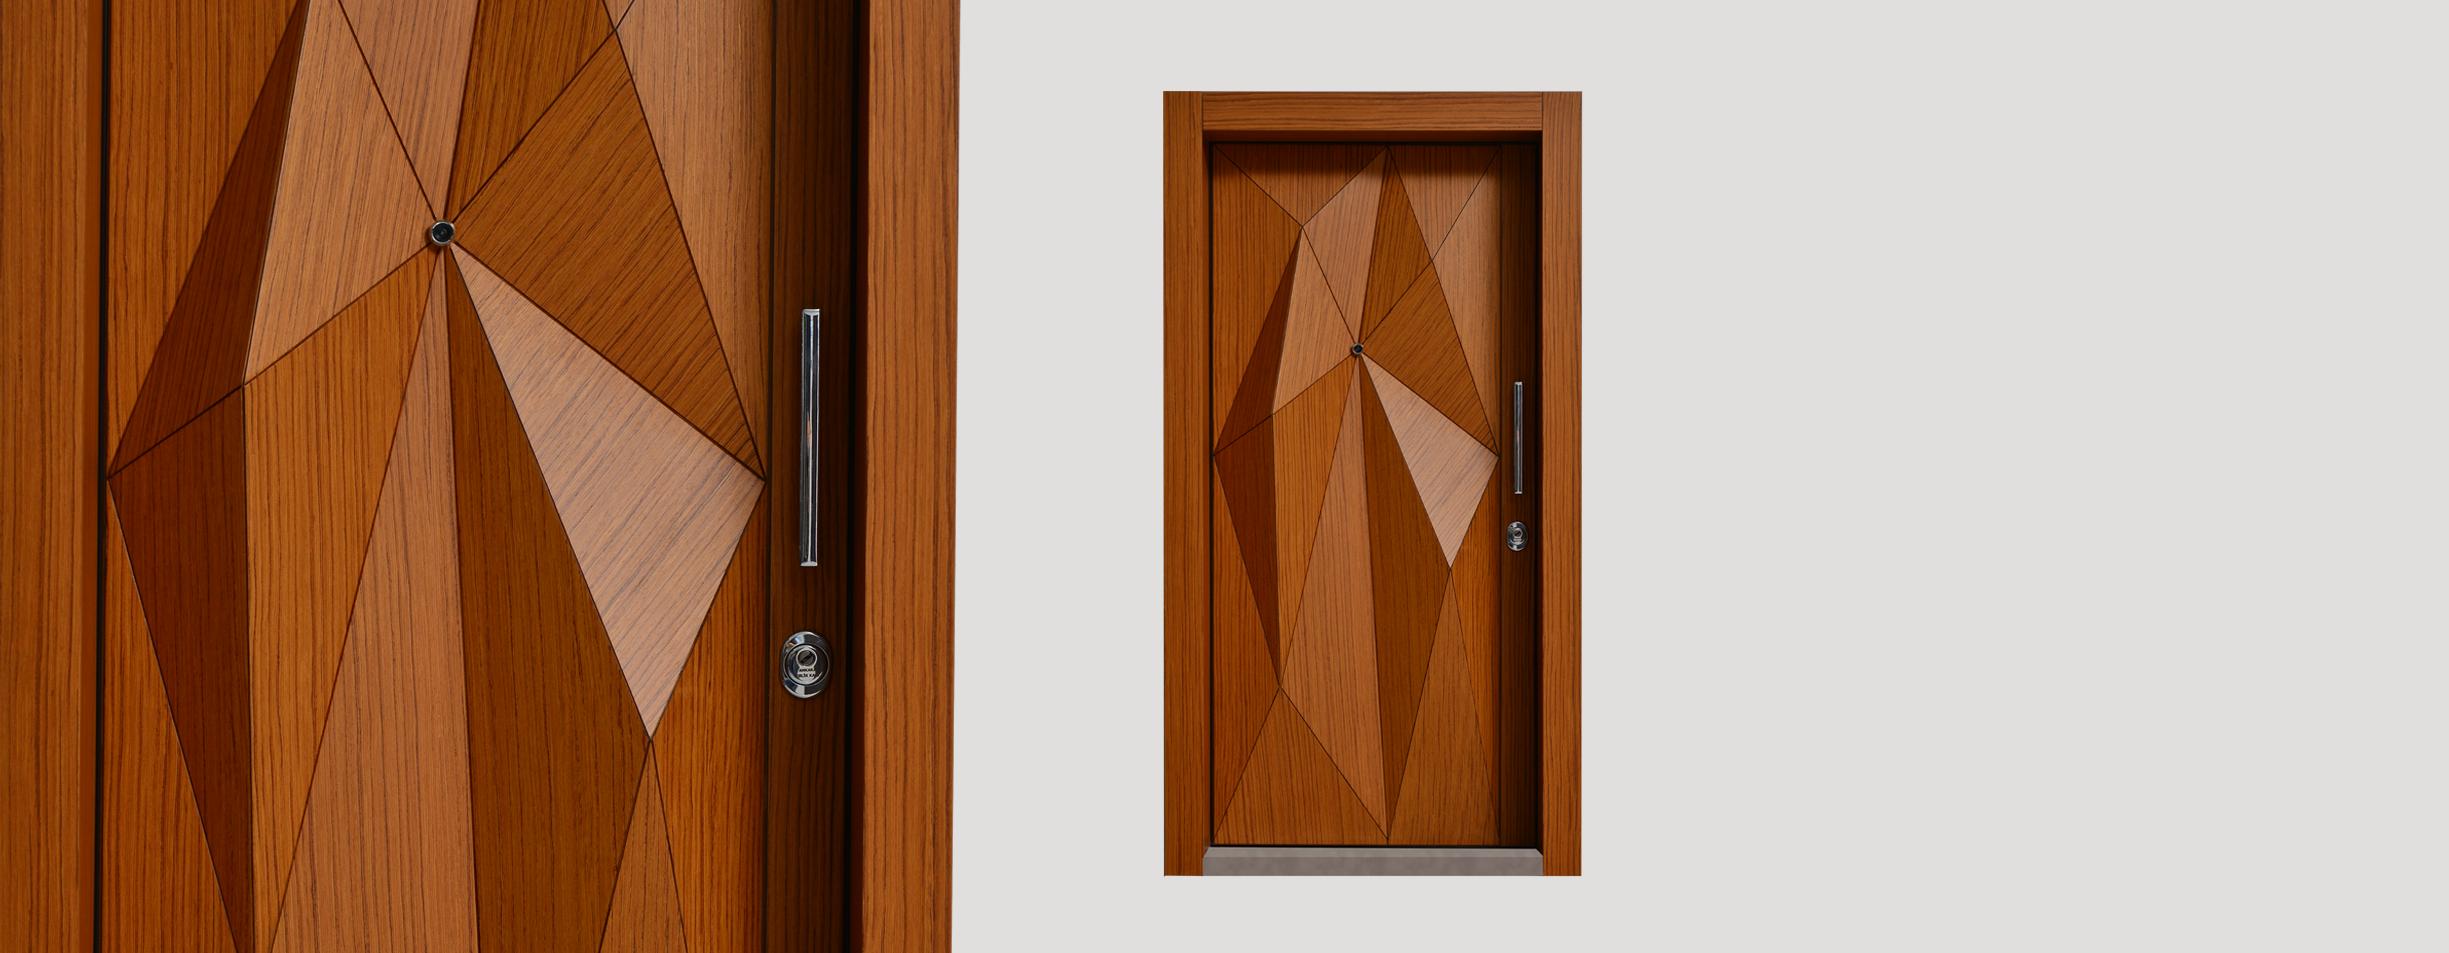 GETA DOORS